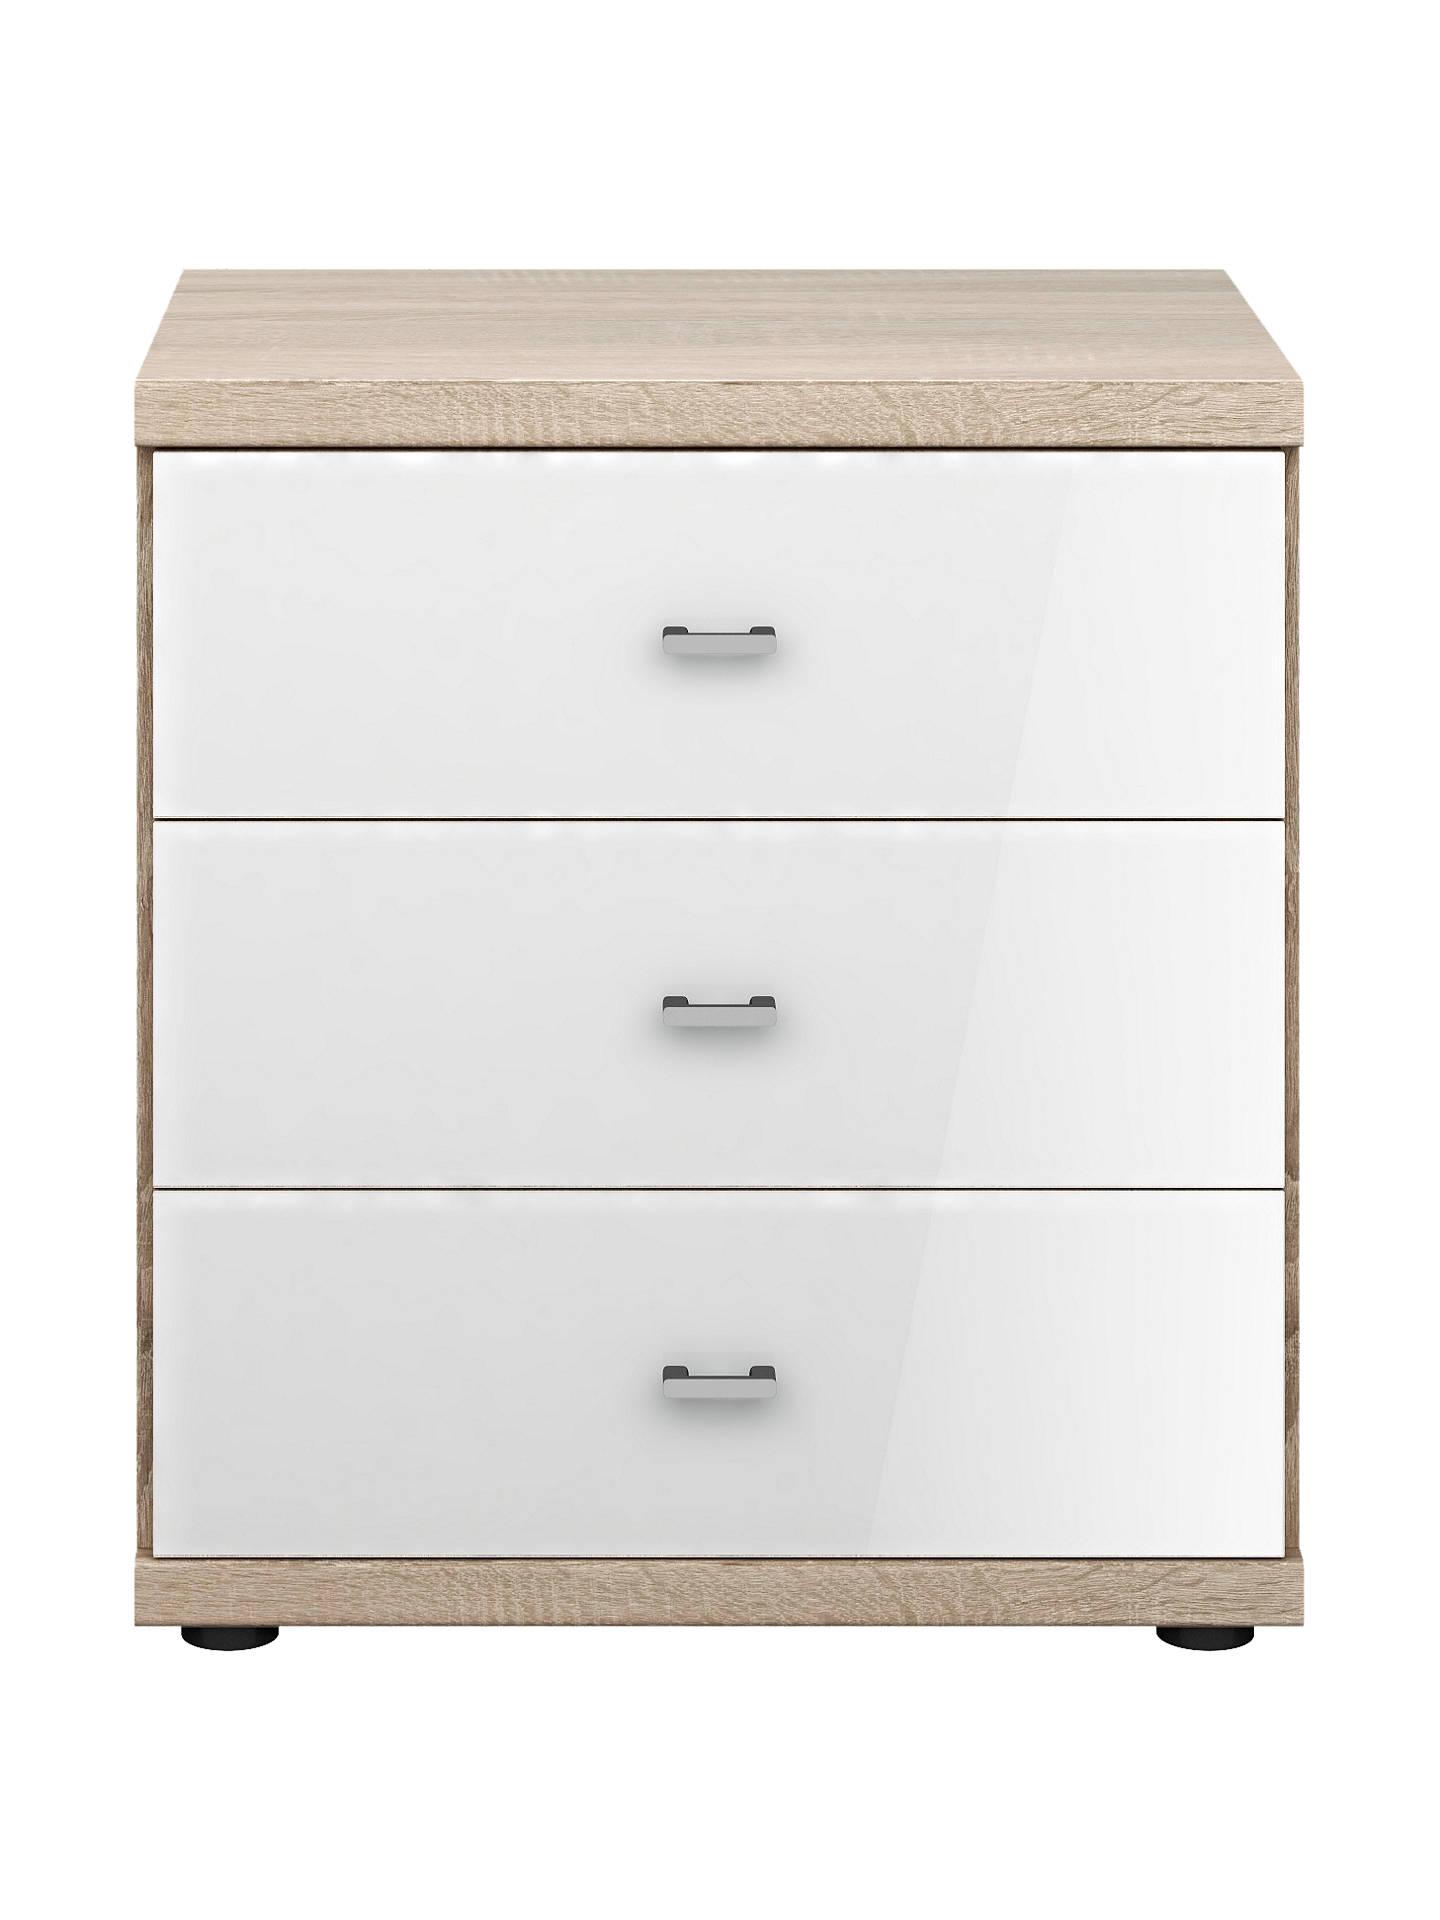 John Lewis Partners Satis Gl Front 3 Drawer Bedside Table White Light Rustic Oak